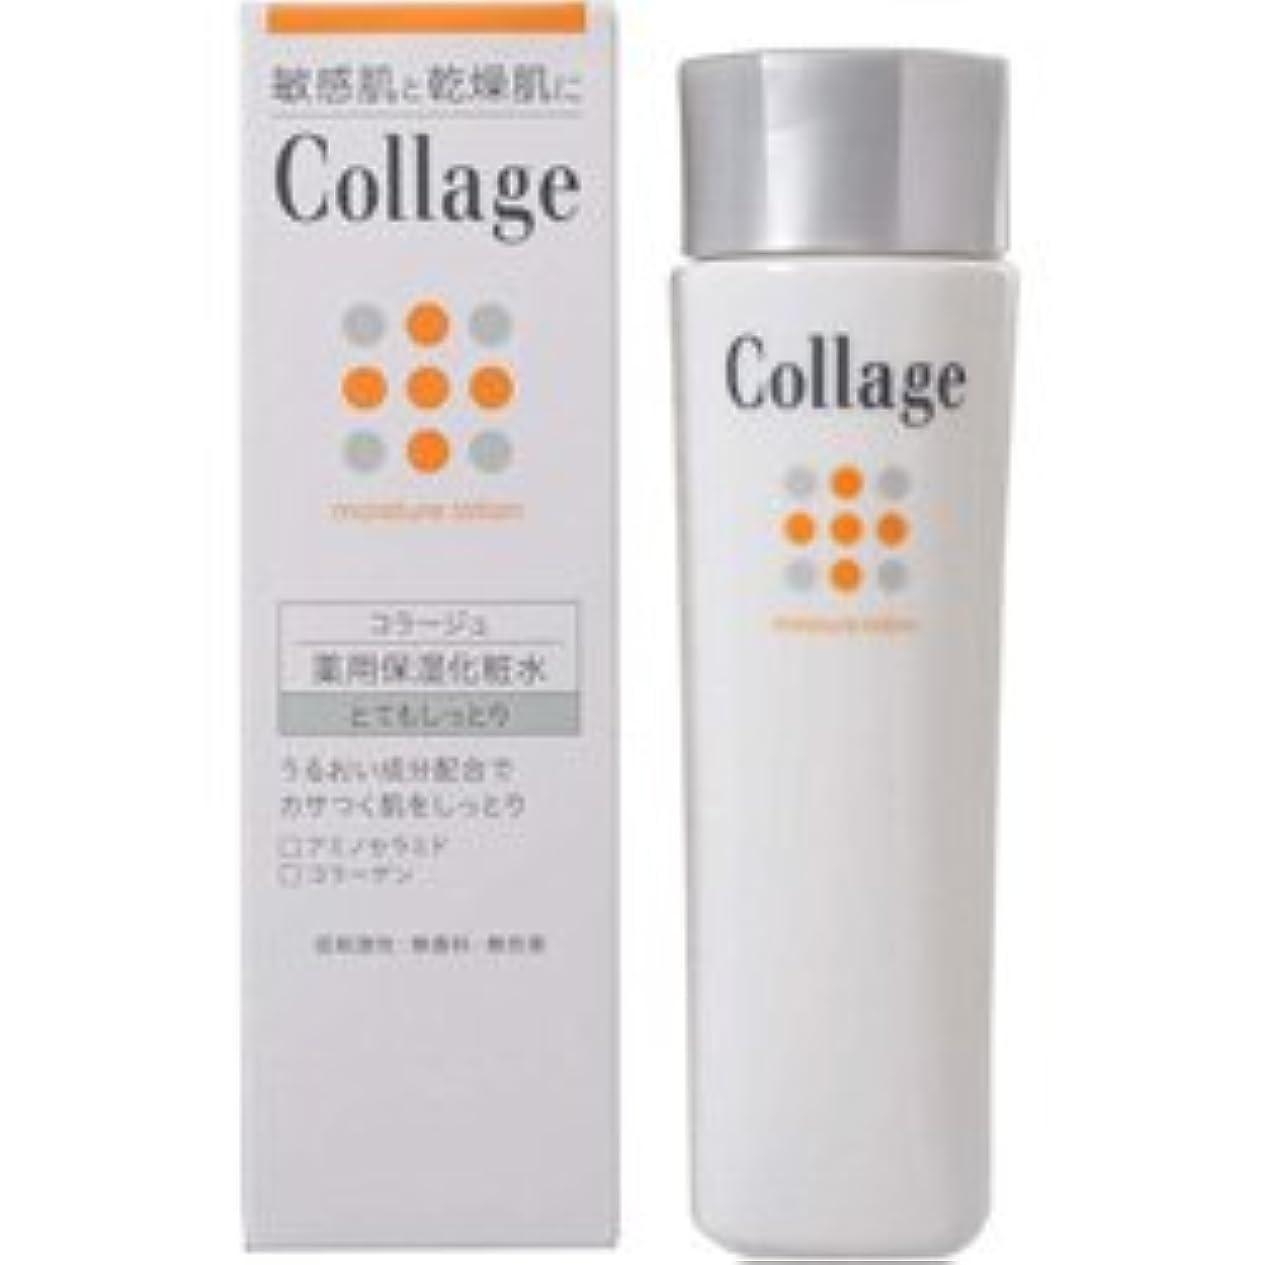 豊富な役割憤る【持田ヘルスケア】 コラージュ薬用保湿化粧水 とてもしっとり 120ml (医薬部外品) ×3個セット